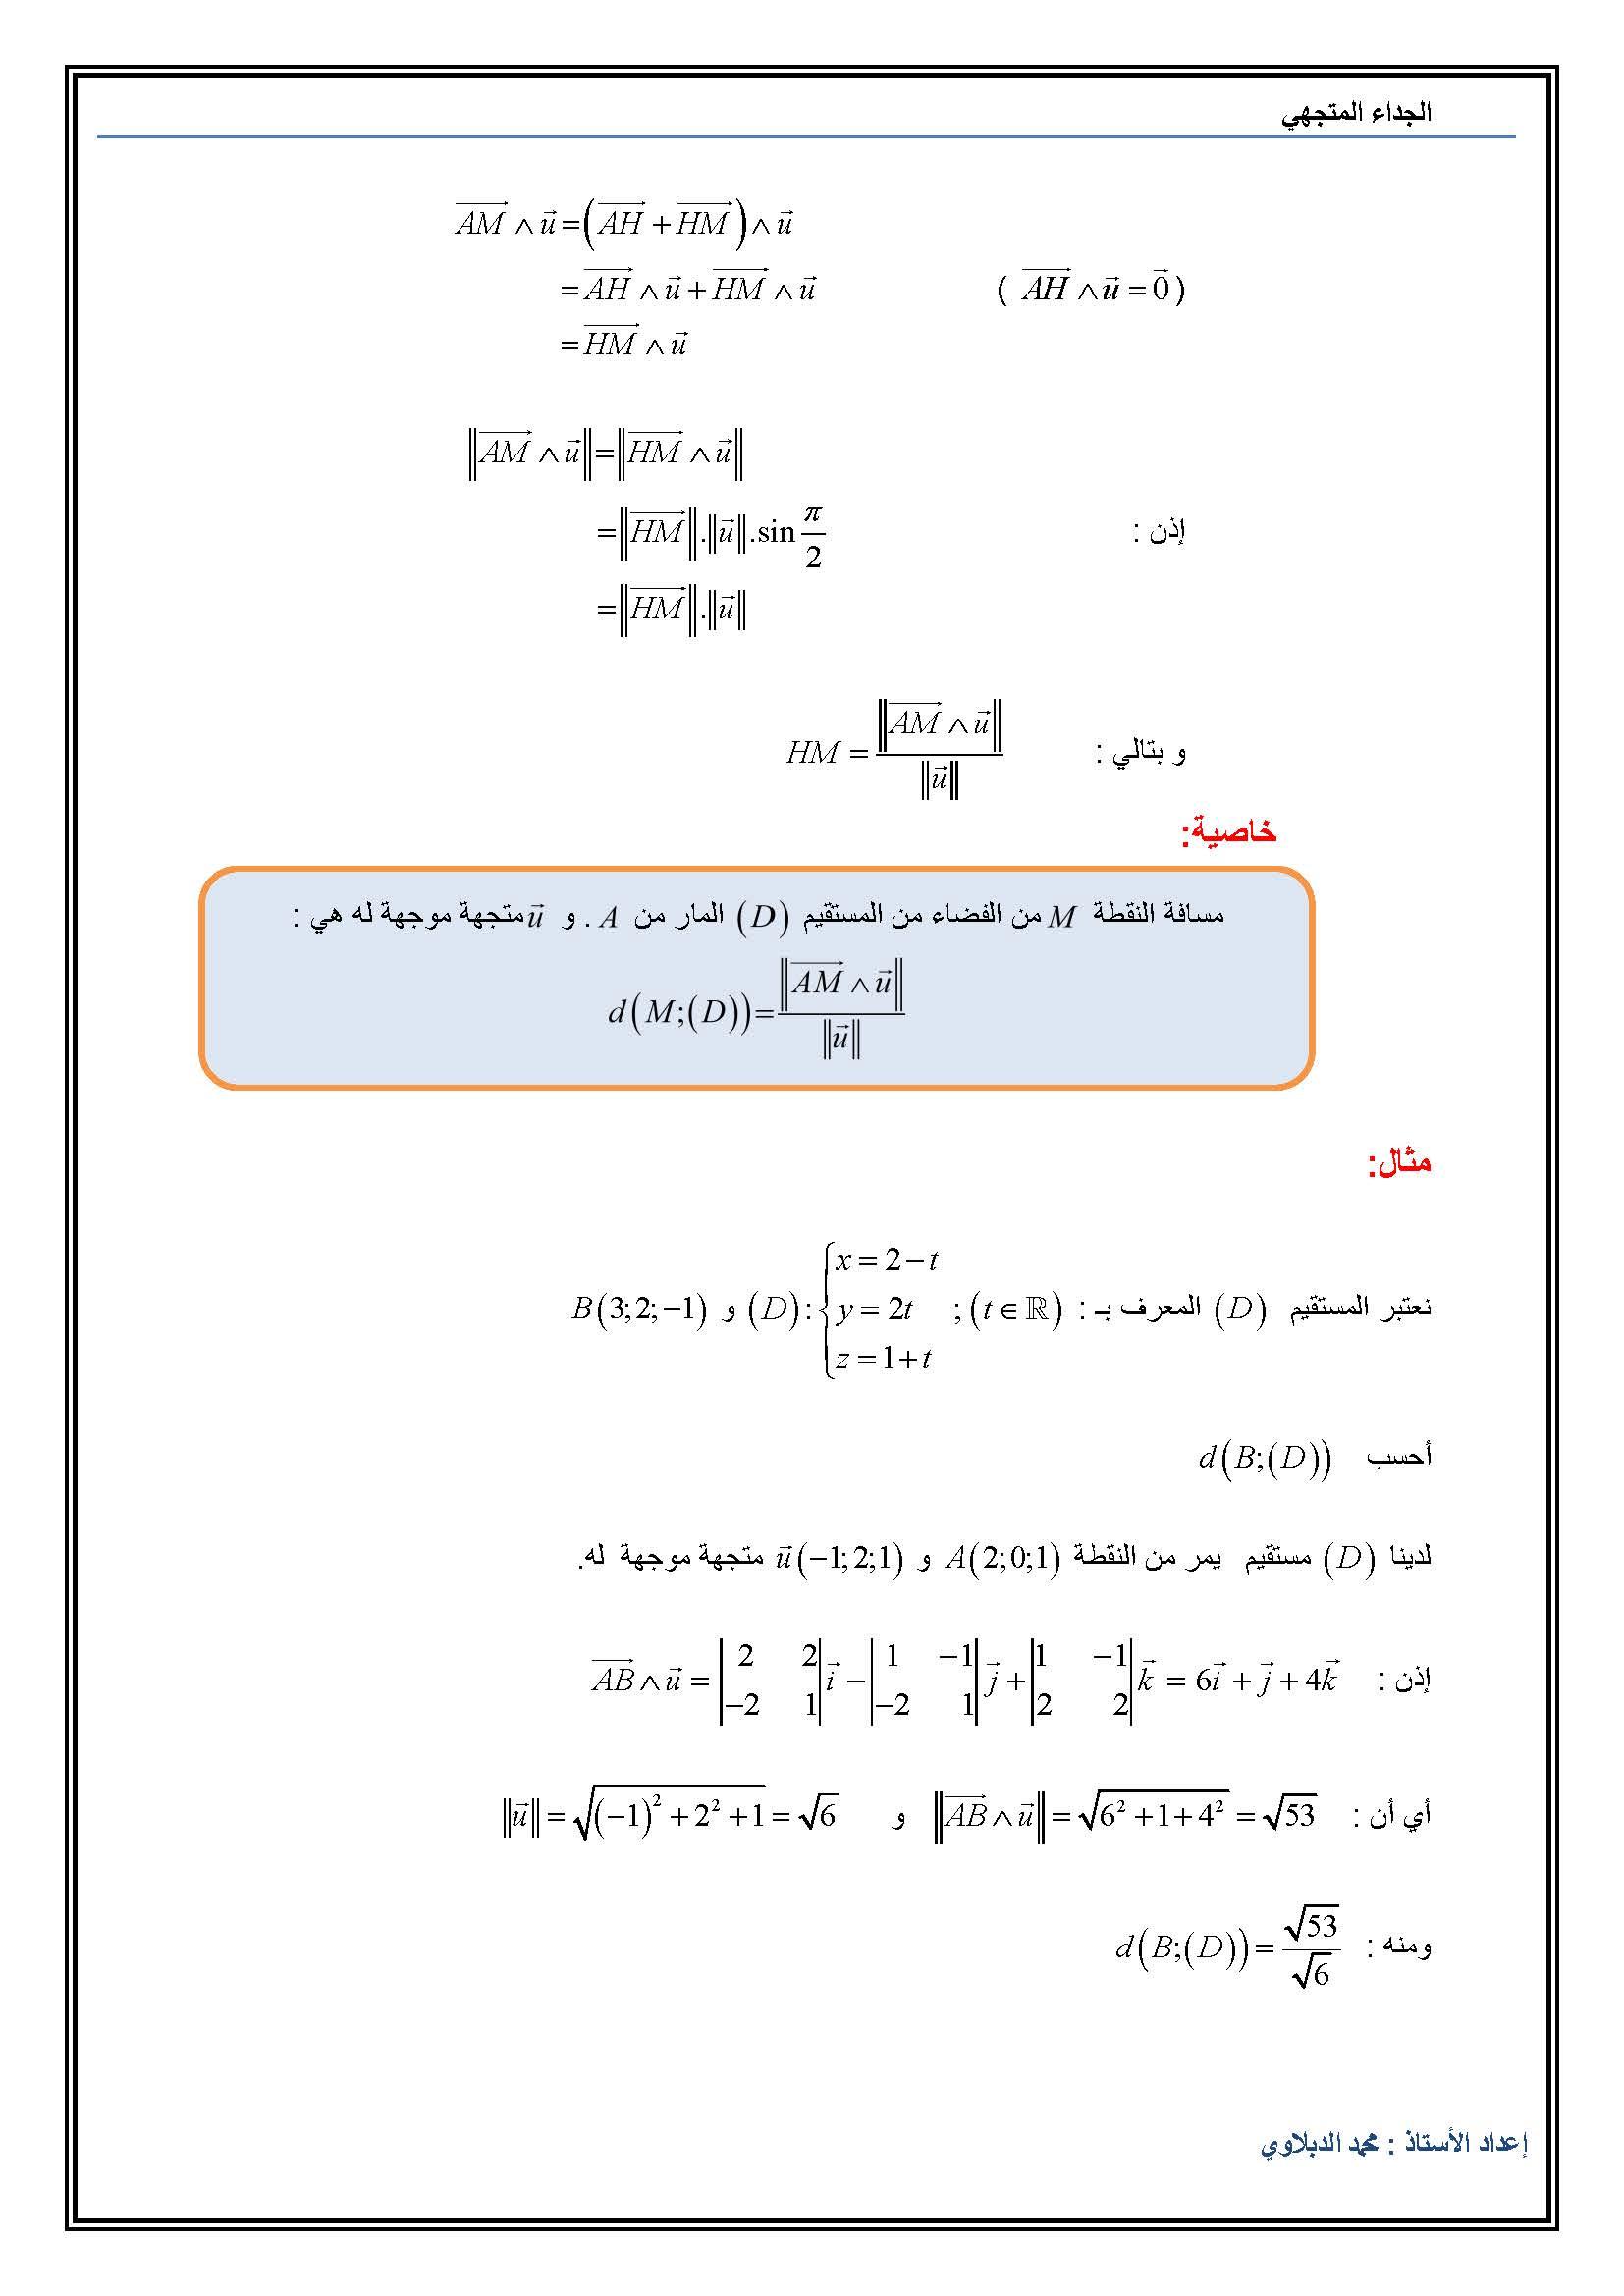 دروس الرياضيات :الجداء المتجهي + تطبيقات| الثانية باك علوم